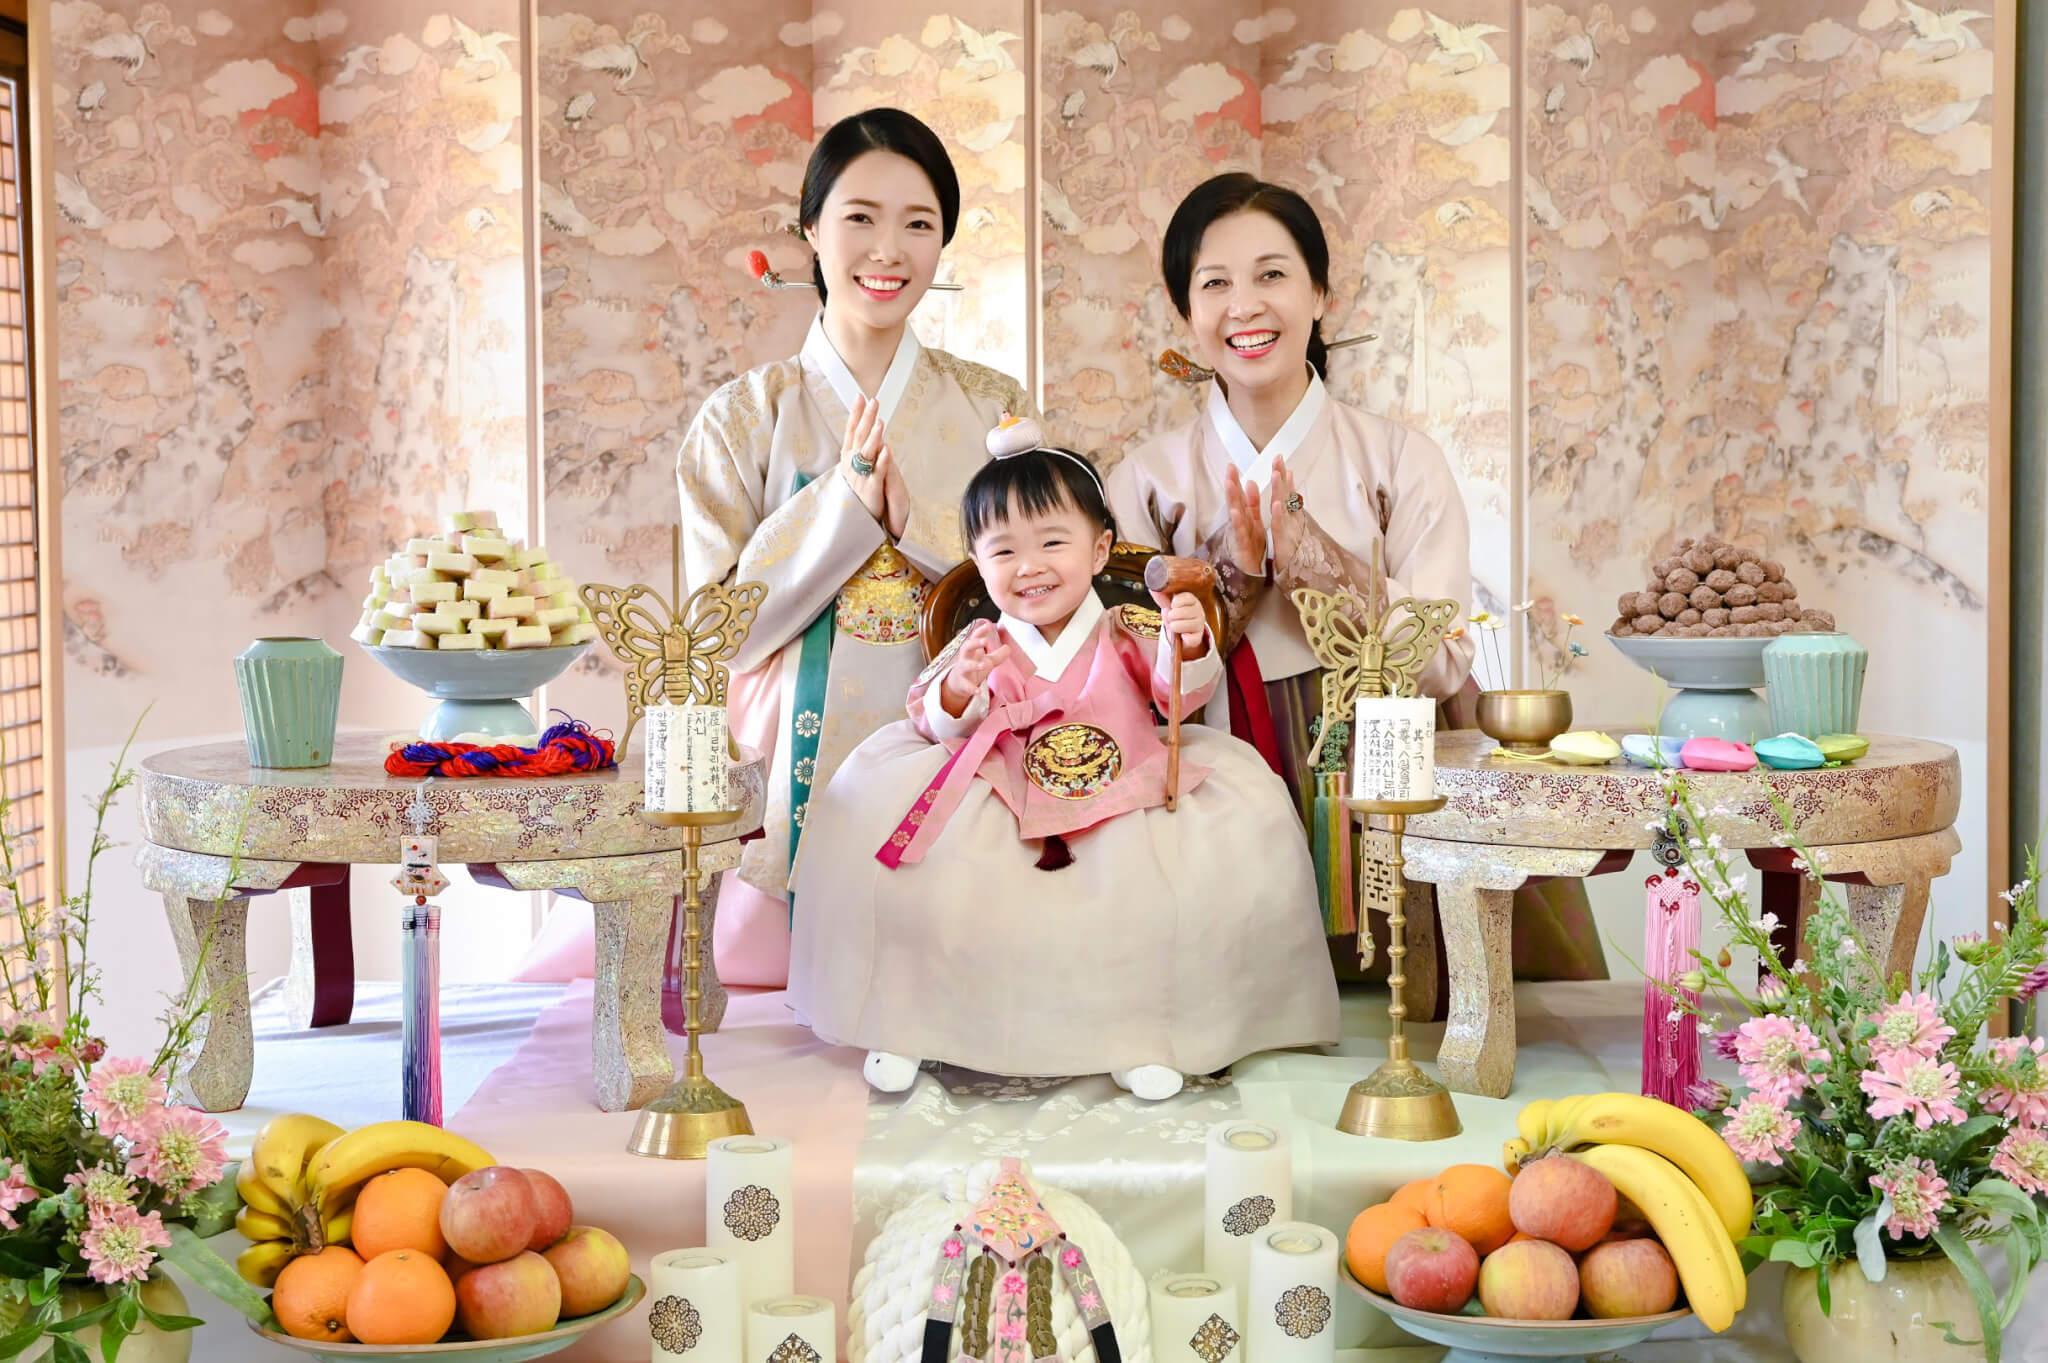 兩對母女,三代同堂,Sue希望女兒能夠承傳韓國文化。